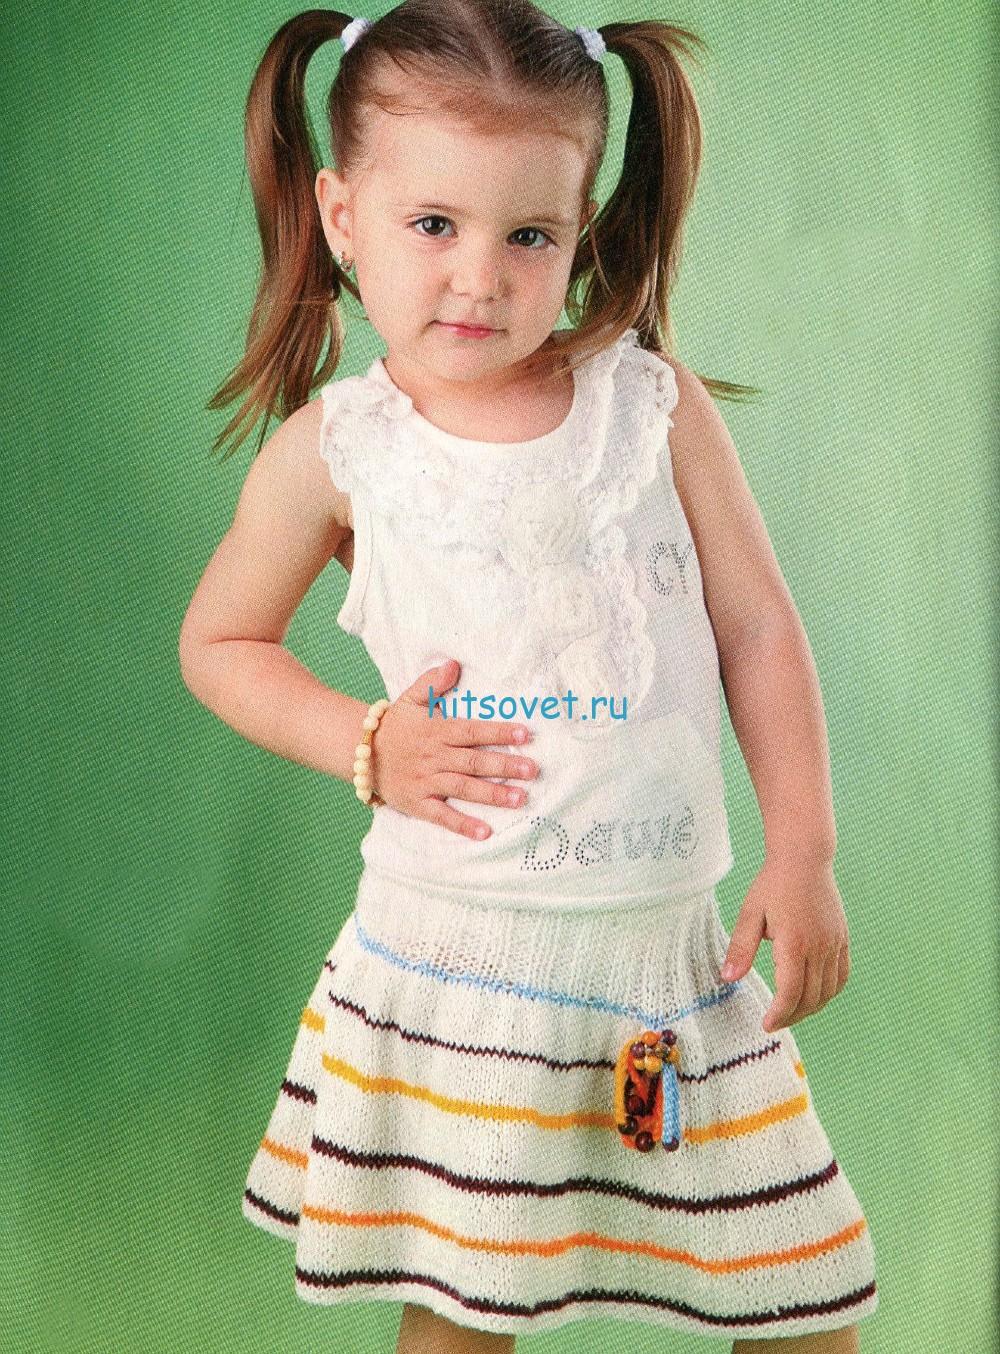 Вязаная юбка для девочки на 2-3 года